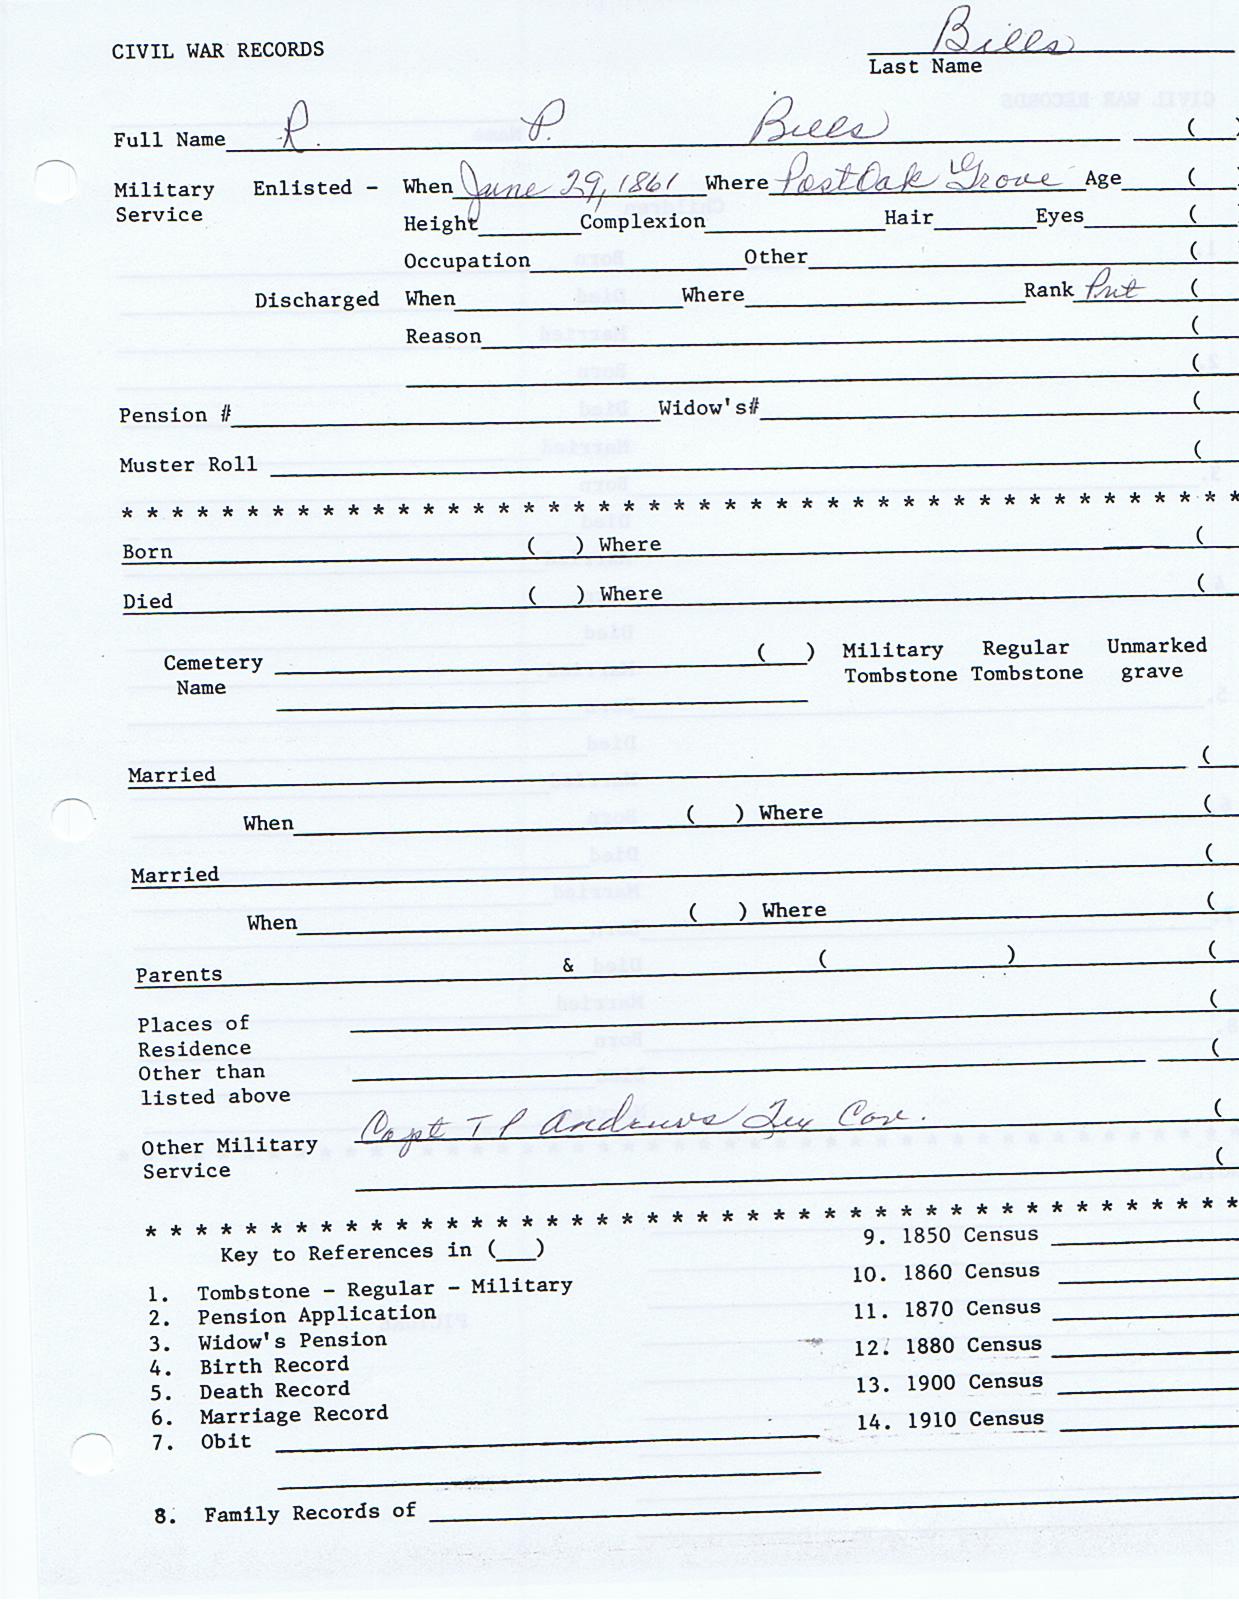 bills-kaufman_civil_war_records-3508